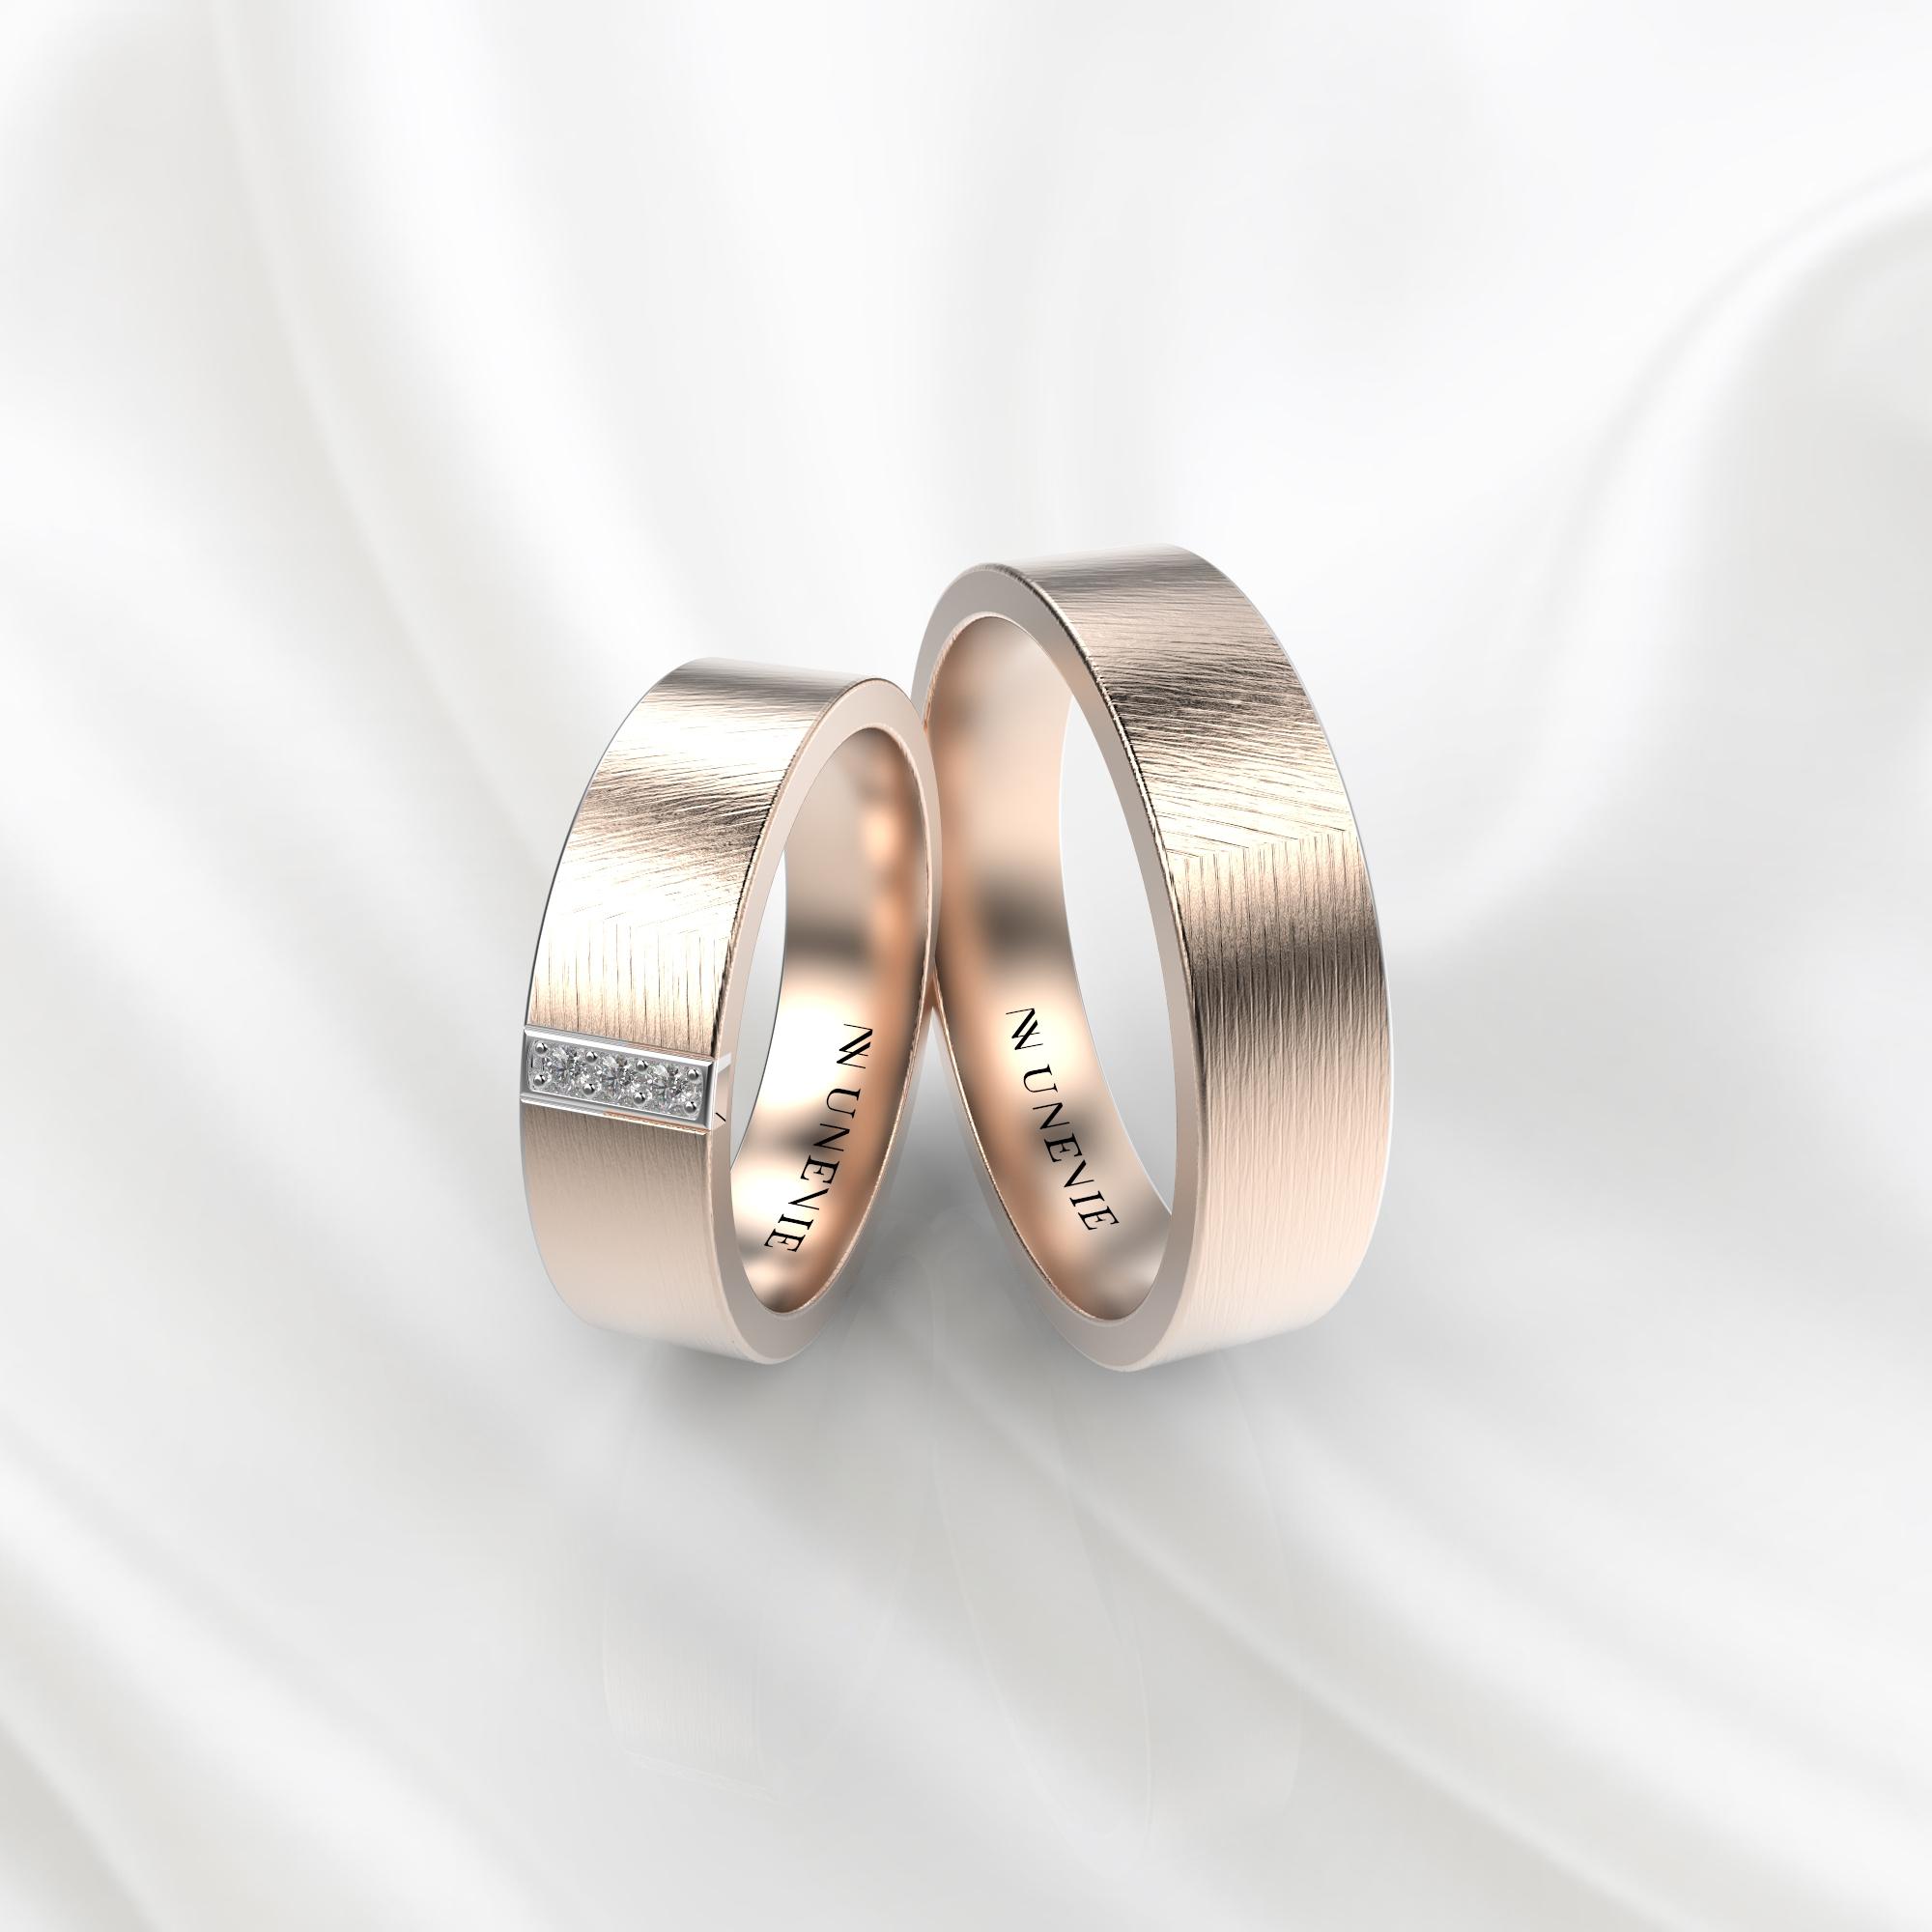 NV59 Парные обручальные кольца из розового золота с бриллиантами